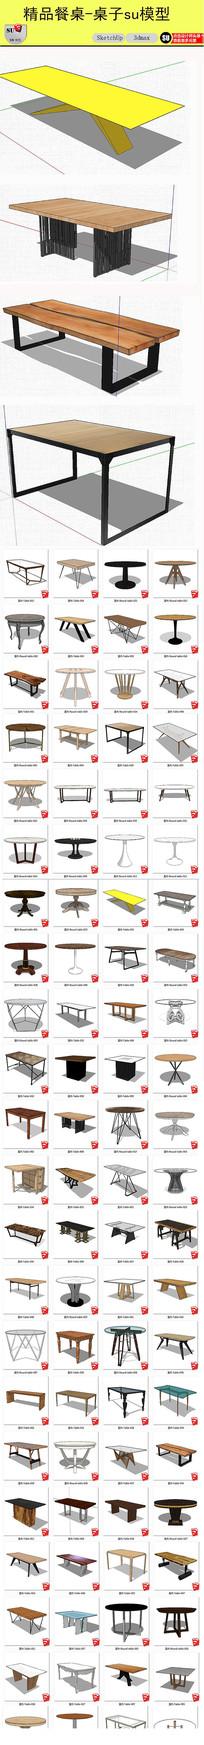 桌子椅子模型